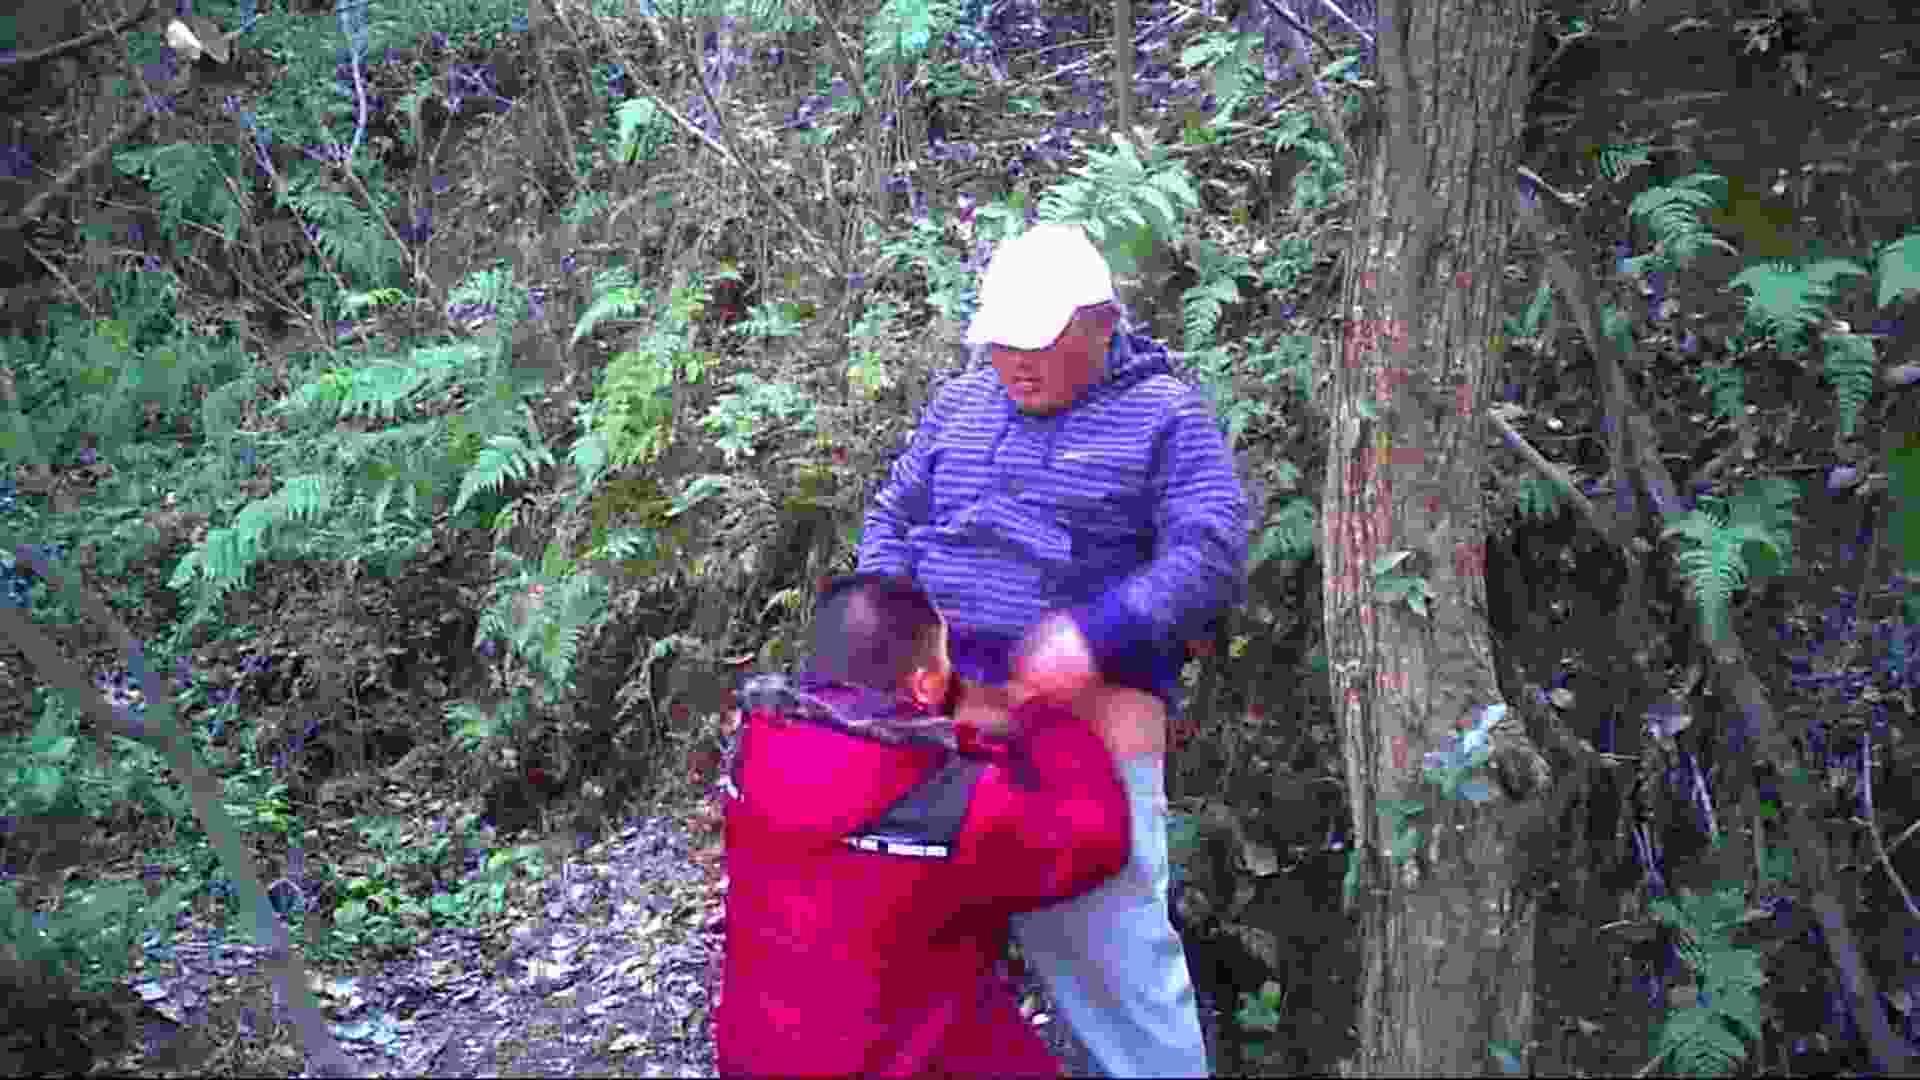 熊おじさんの秘め事 フェラDE絶頂   野外・露出  110pic 75